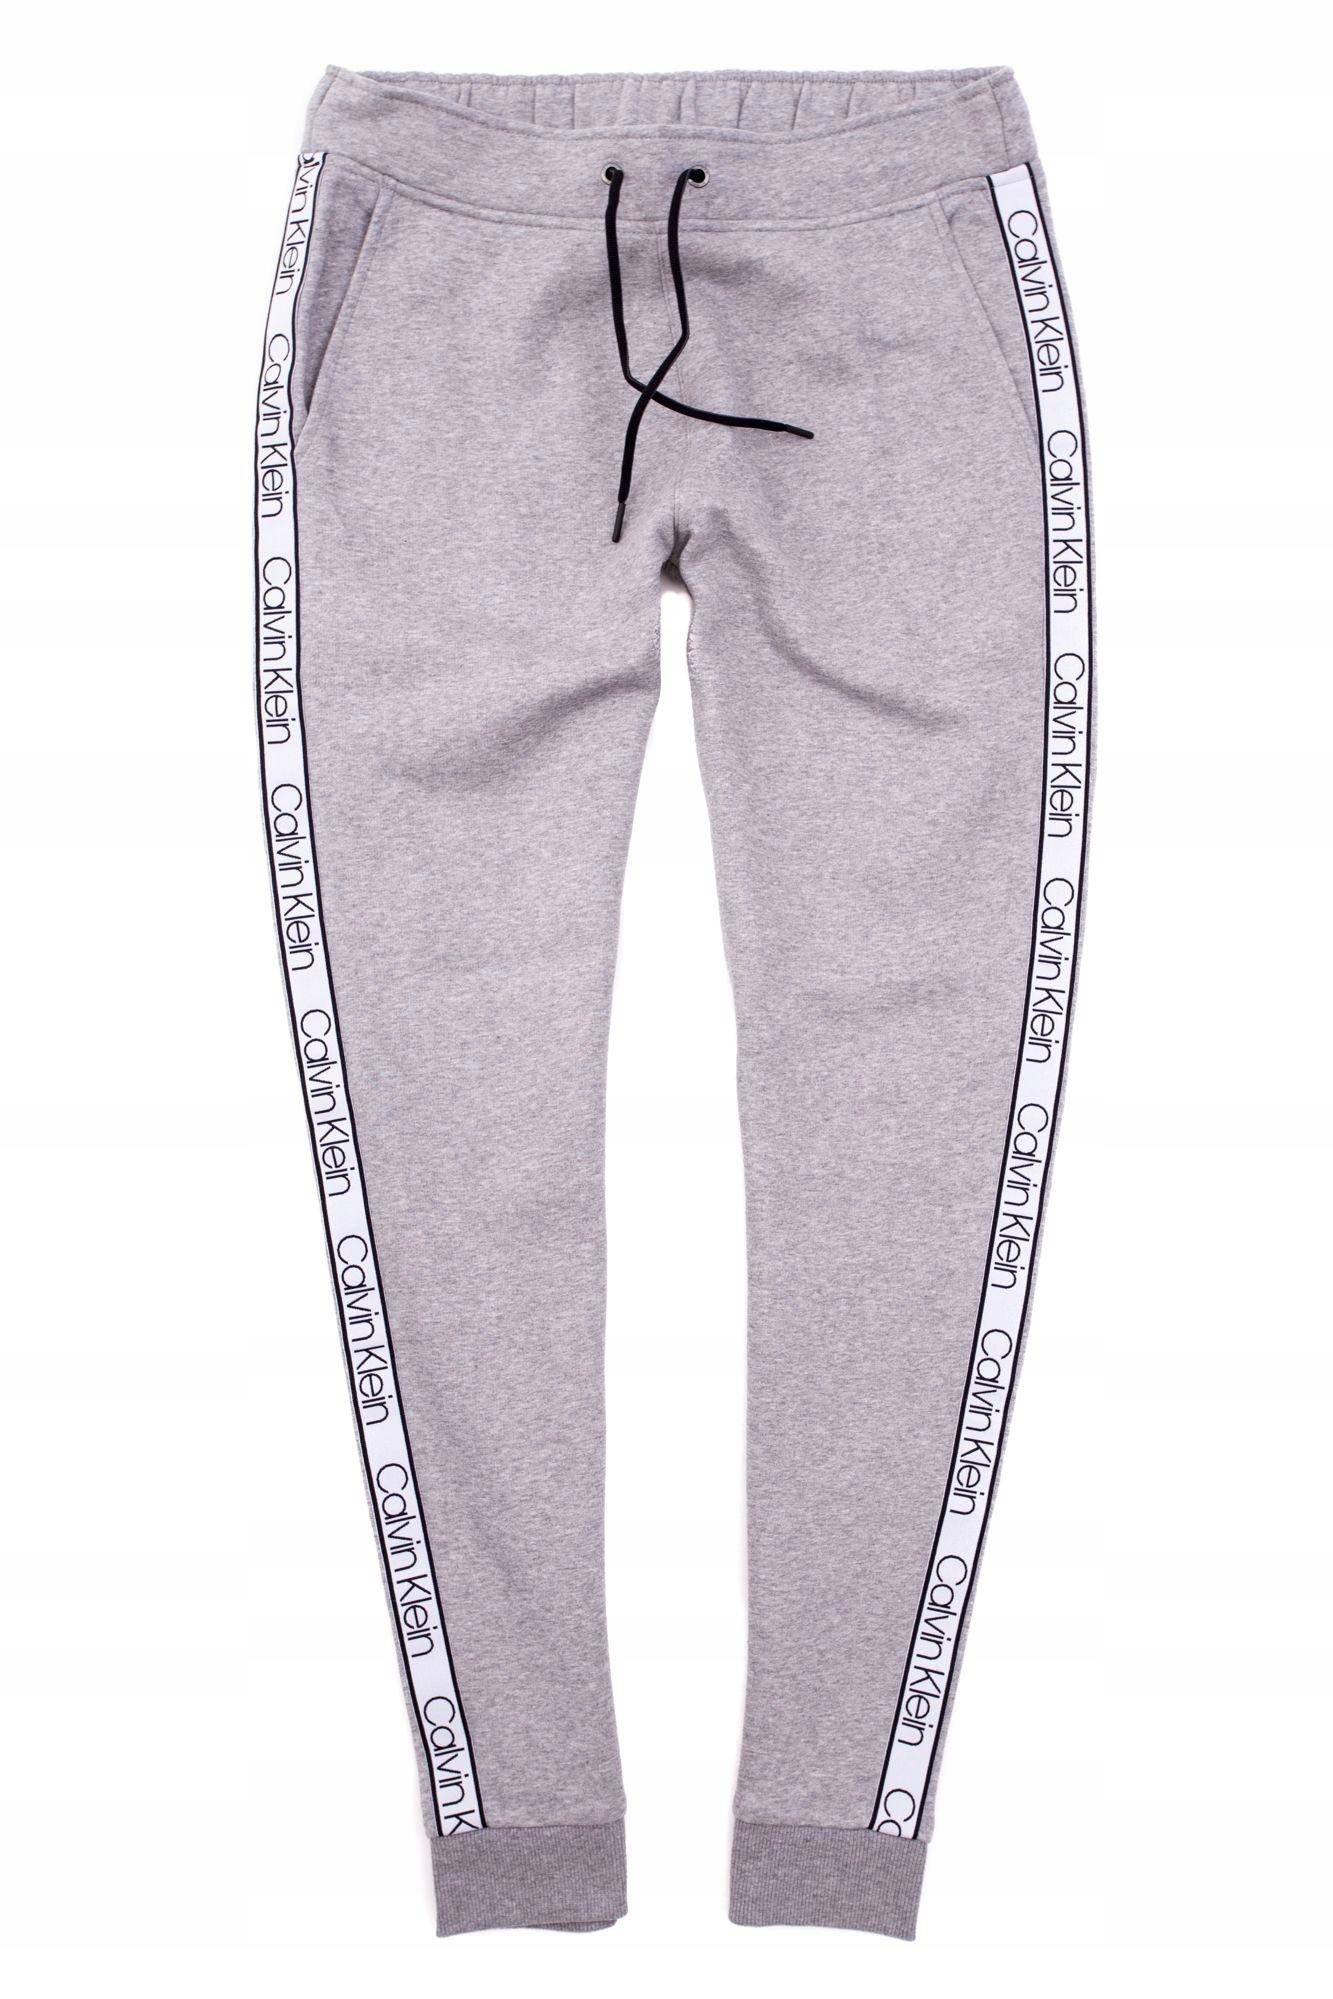 Calvin Klein Spodnie dresowe dresy męskie Logo r L